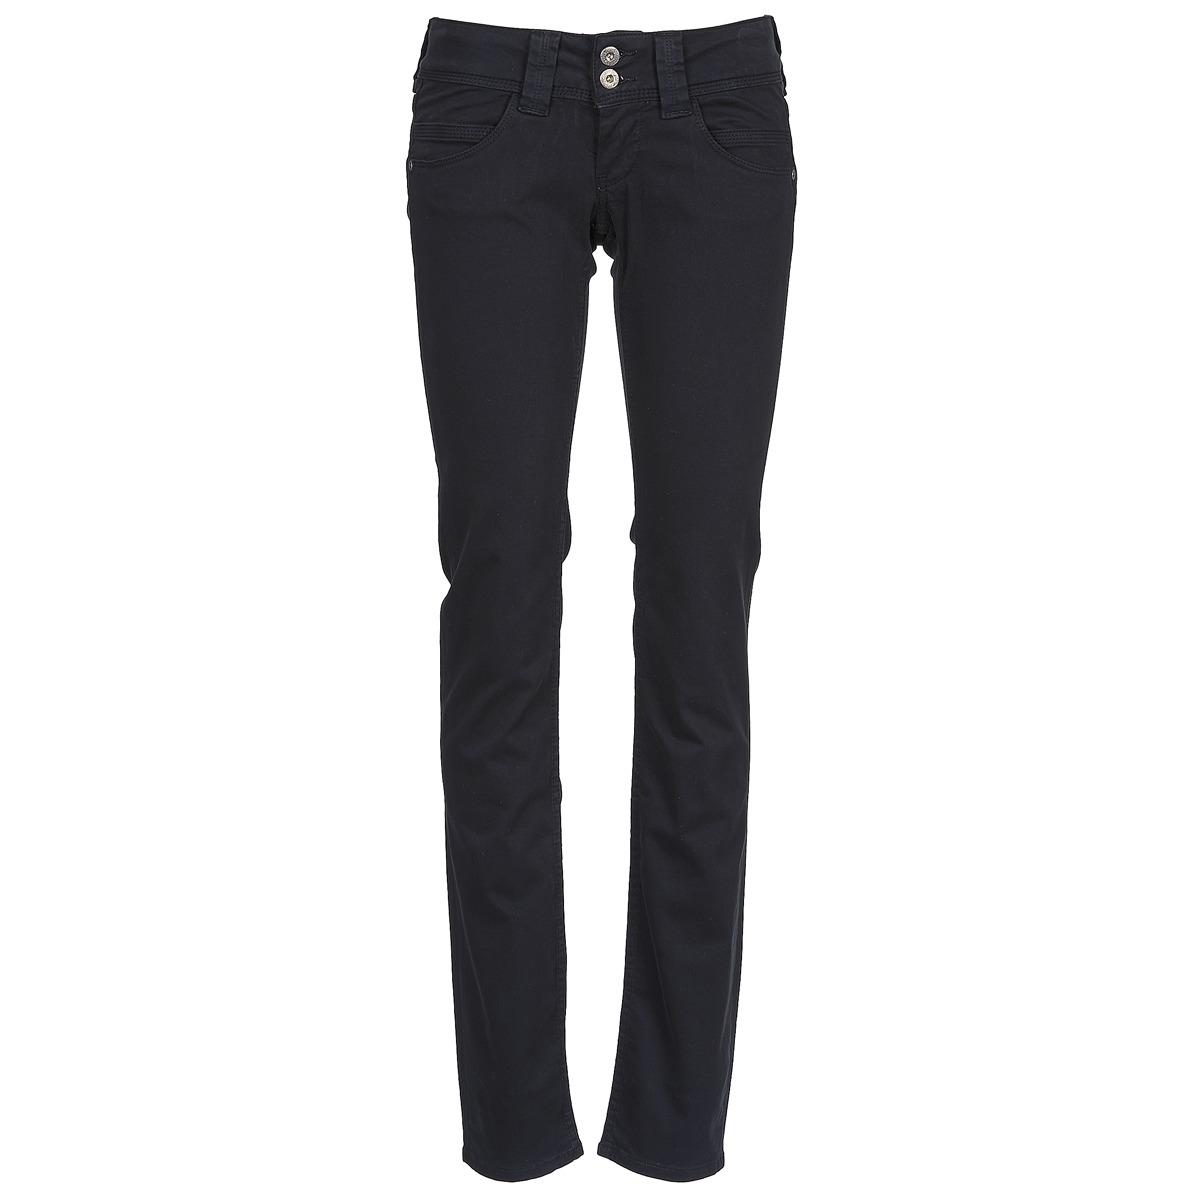 Pepe jeans VENUS Fekete   999 - Ingyenes Kiszállítás a SPARTOO.HU-mal ! -  Ruhák Nadrágok Noi 30 069 Ft 8e177106e2